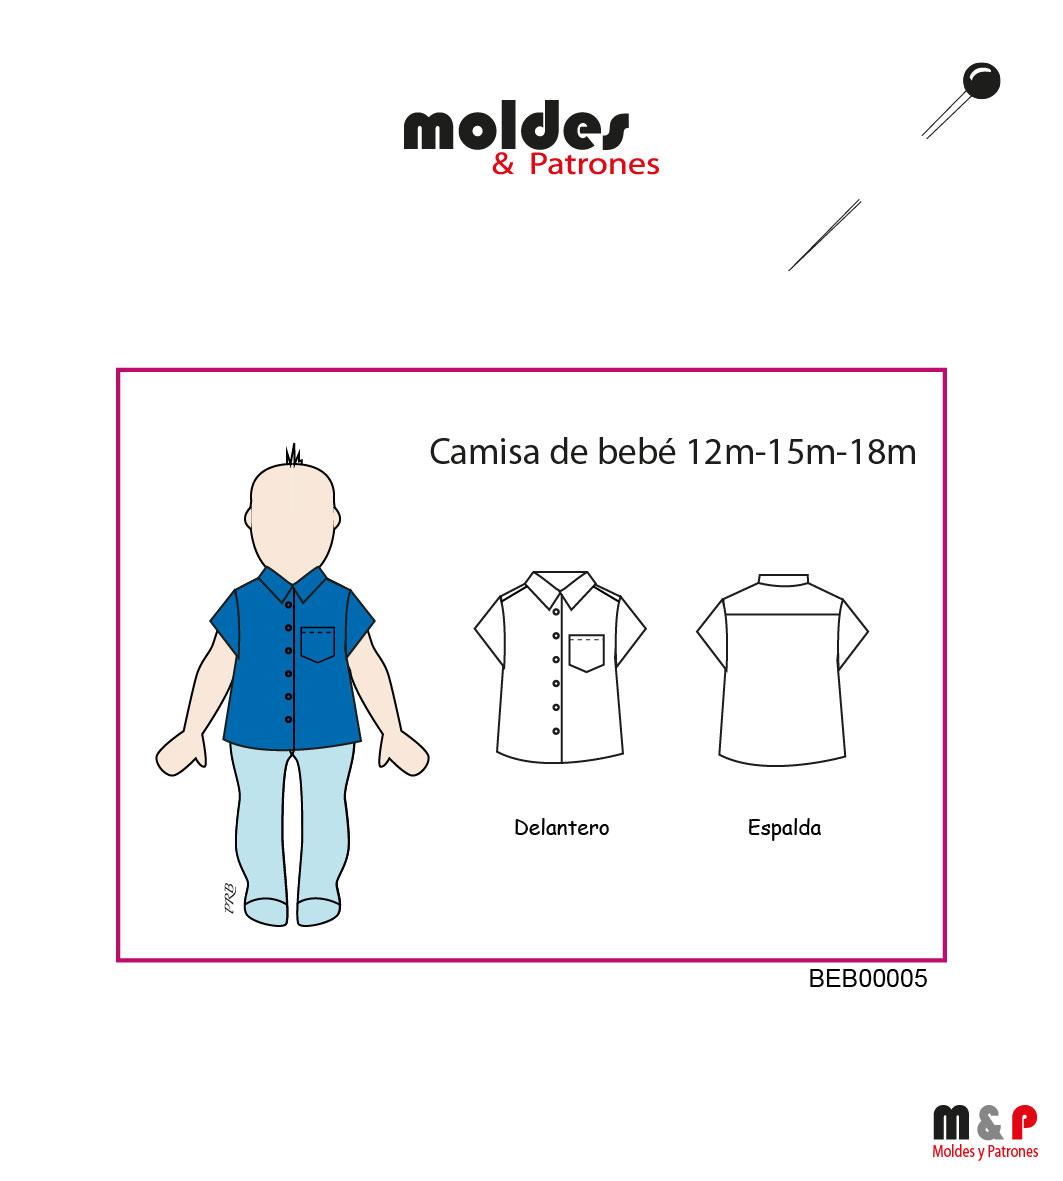 Camisa de bebé en 3 Tallas - 12M - 15M - 18M